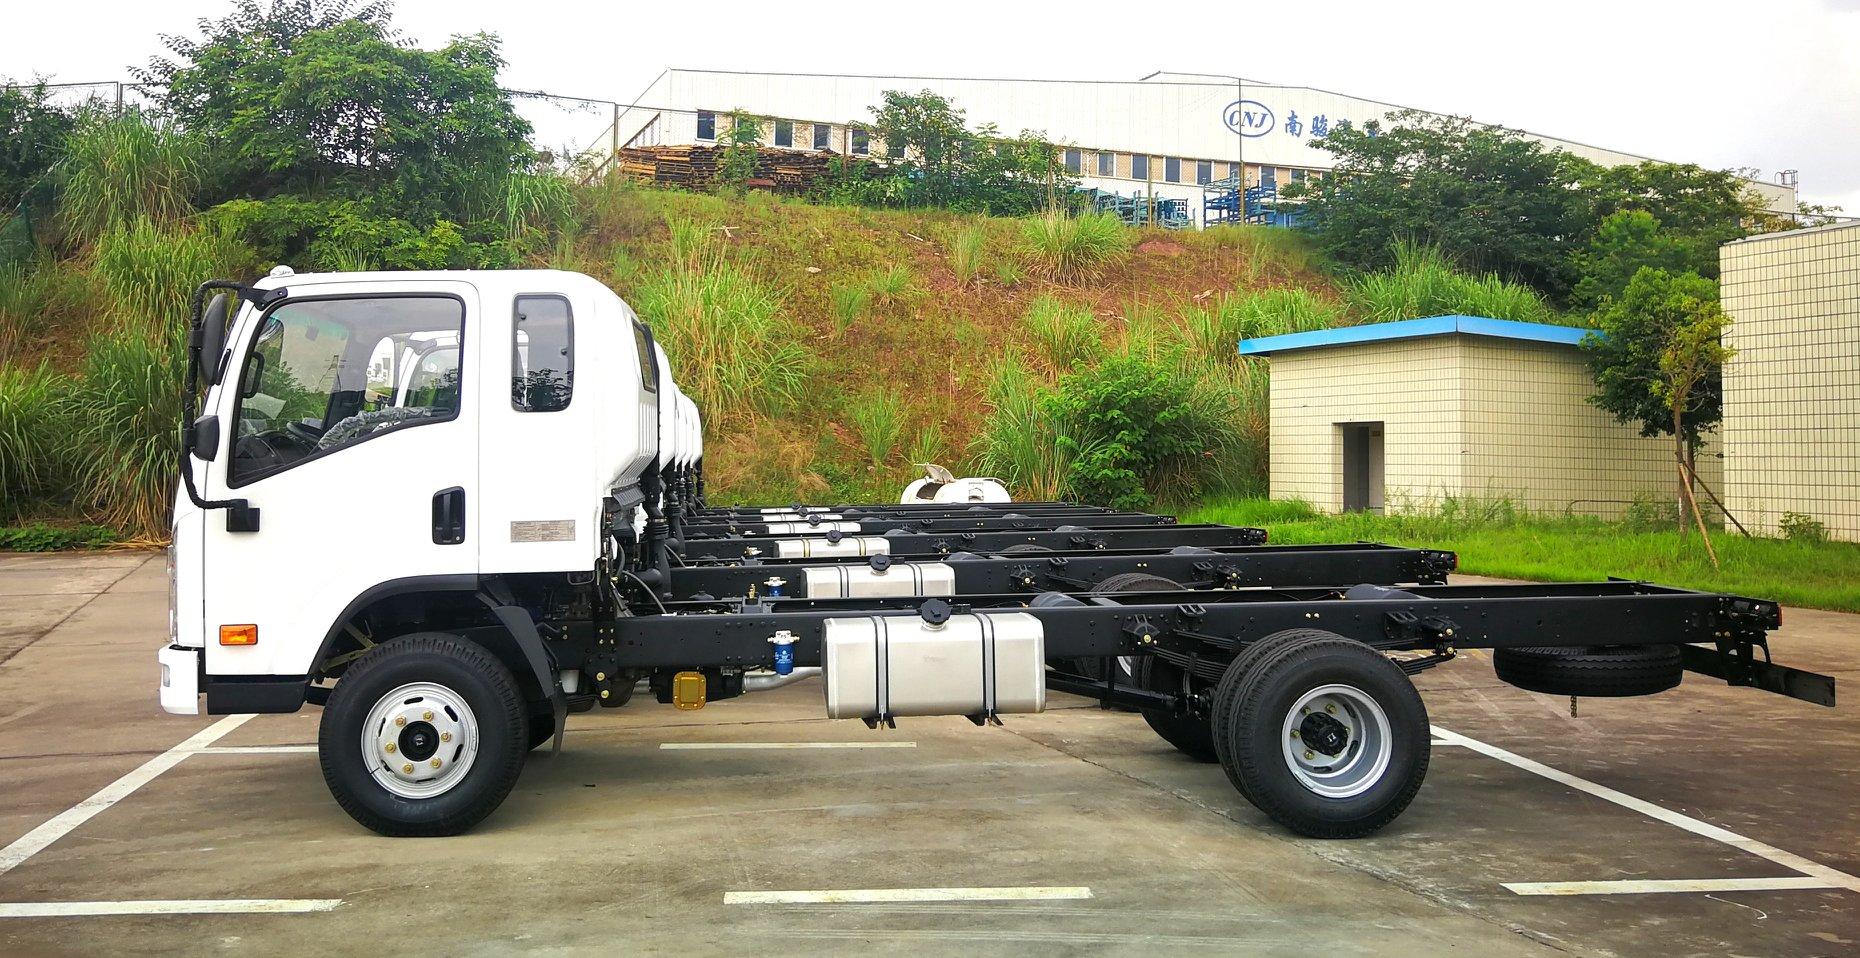 6-eenheden-van-cnj-8-ton-vrachtwagens-met-yuchai-130-pk-diesel-motoren-zijn-onderweg-naar-el-salvador--2-8-2019--2